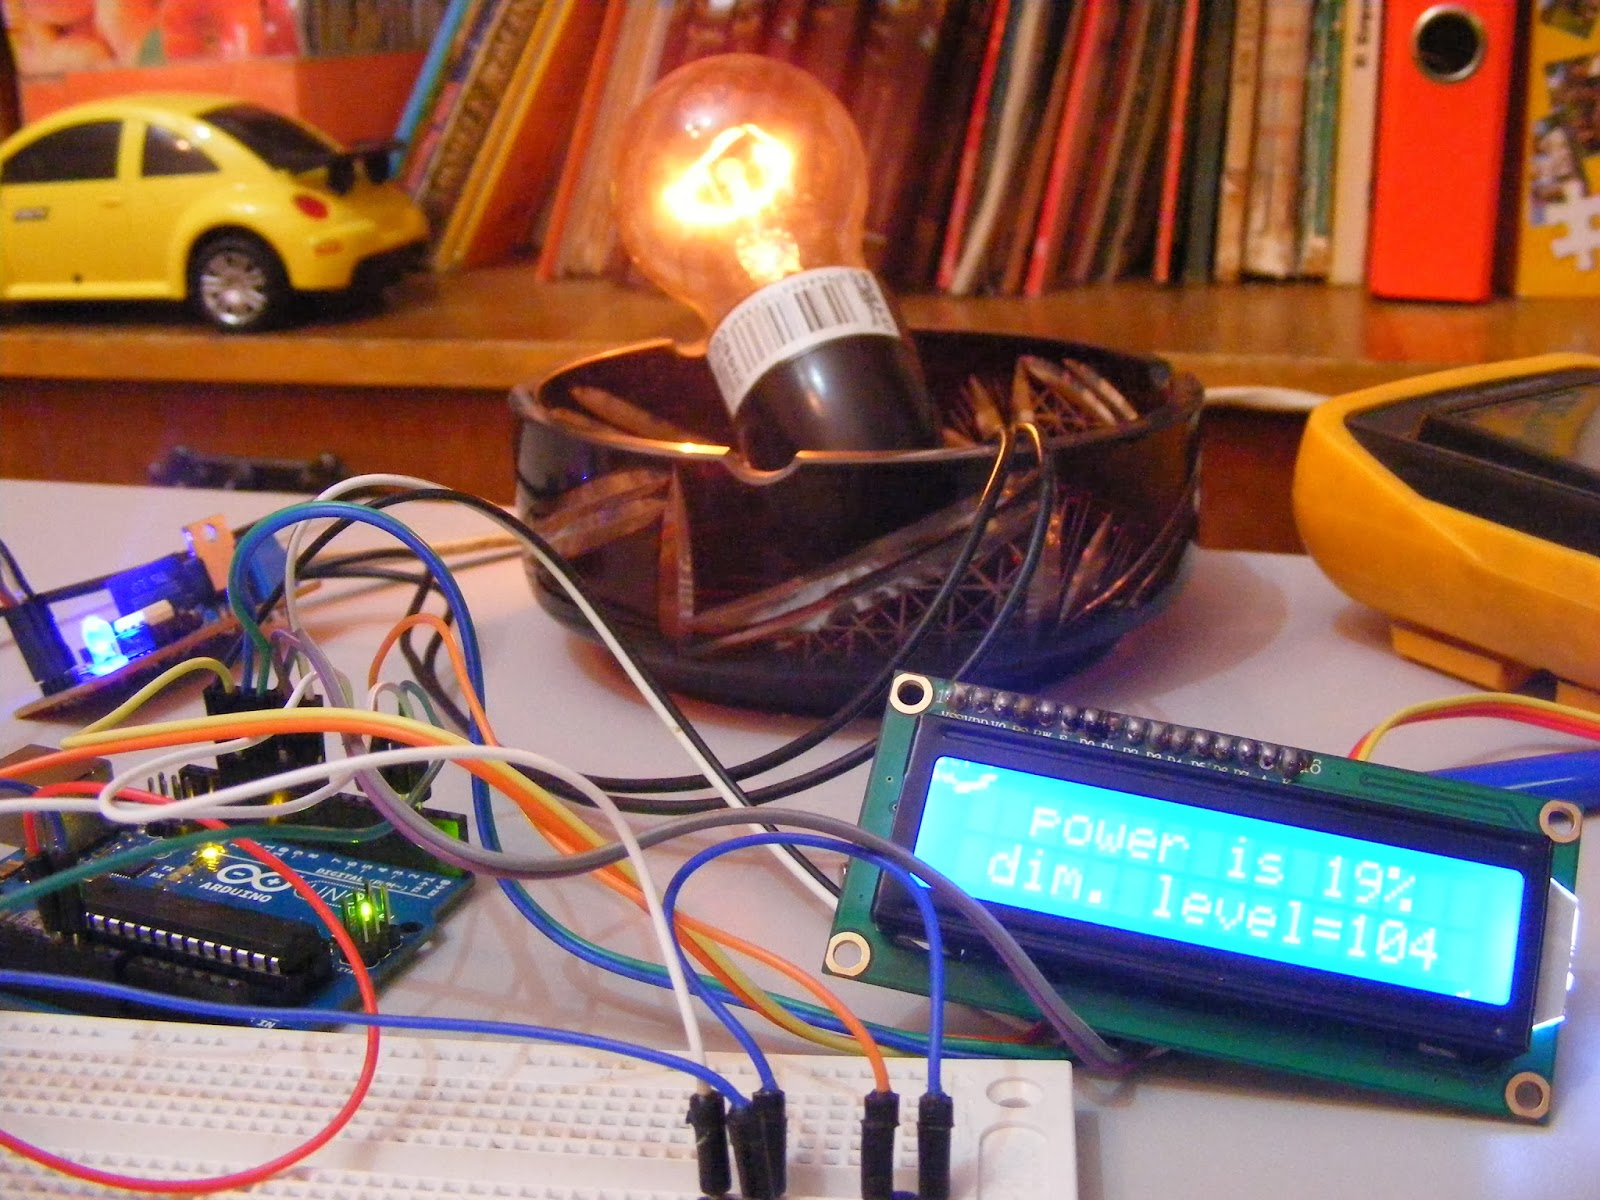 Arduino Tehniq Ac Light Dimmer With Circuits Circuit Scr 3rd Step 19